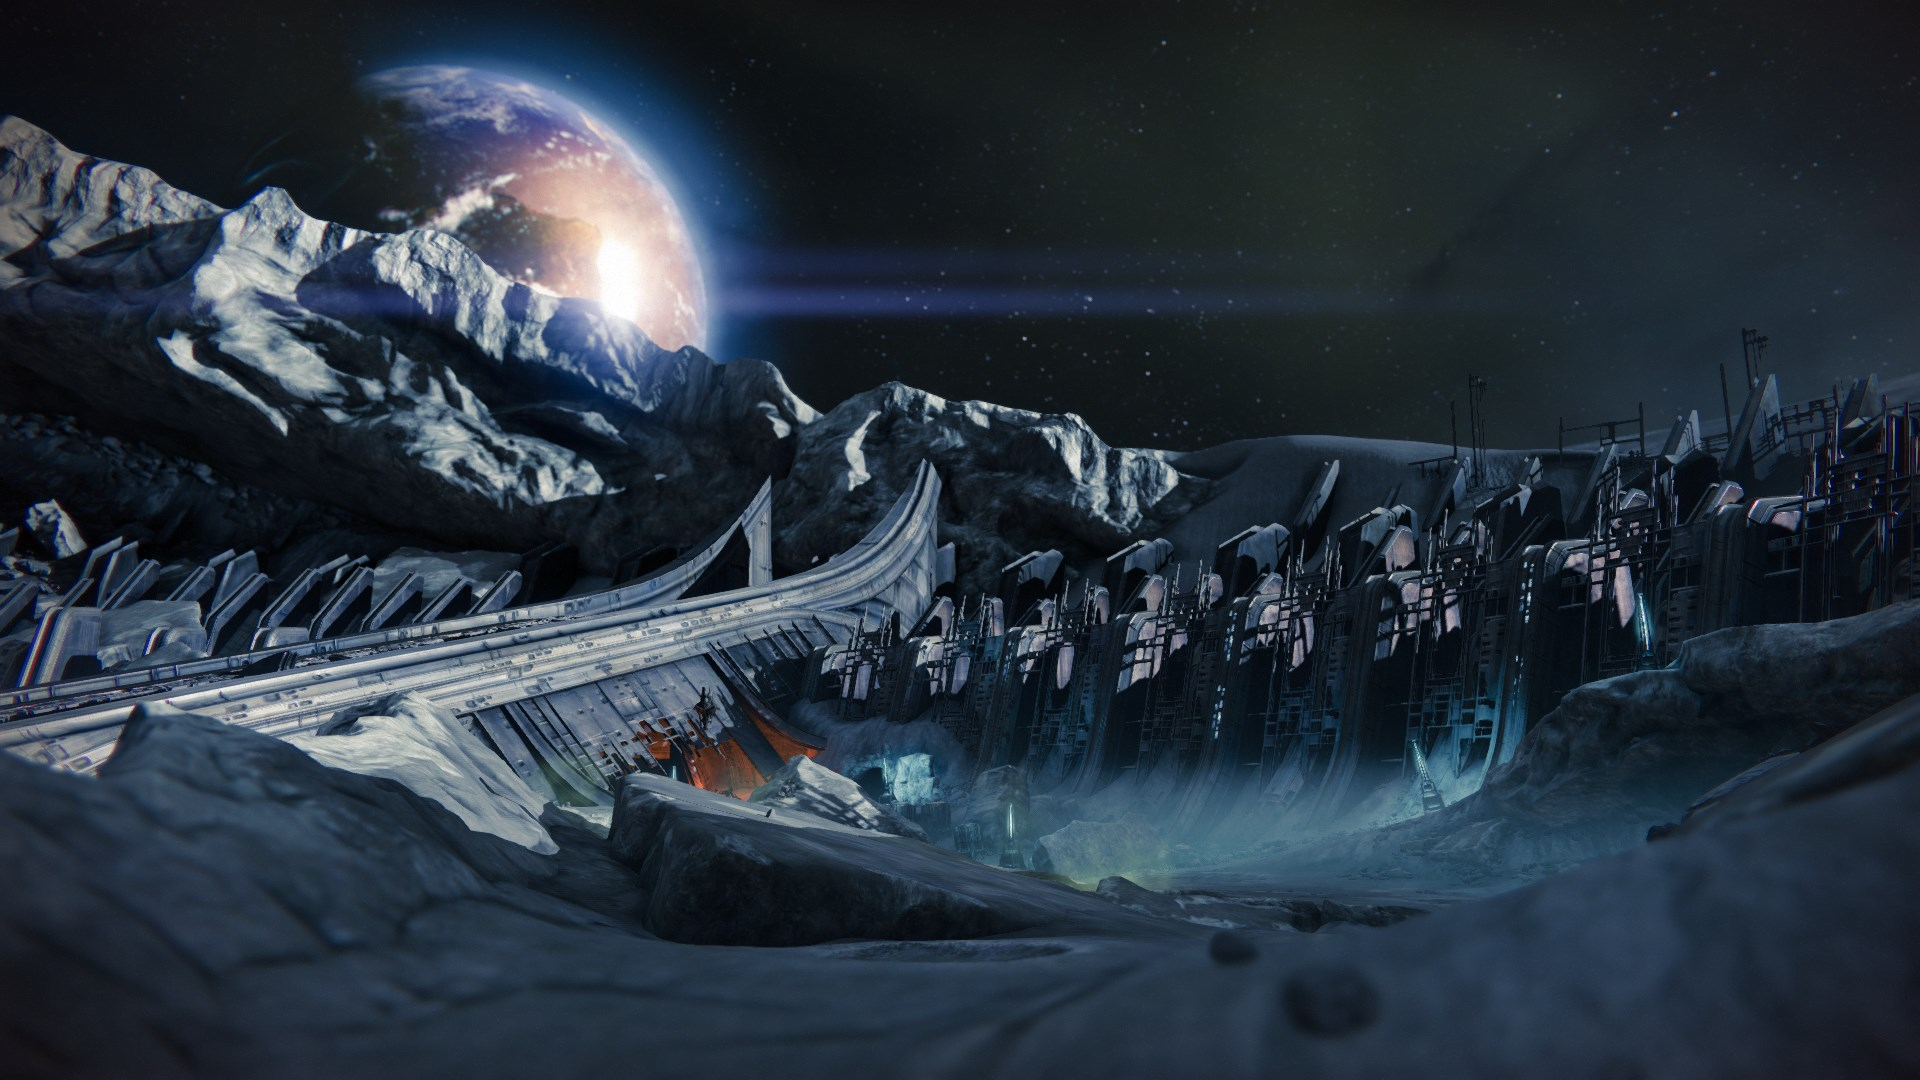 Boj na Měsíci v podání Destiny 88414